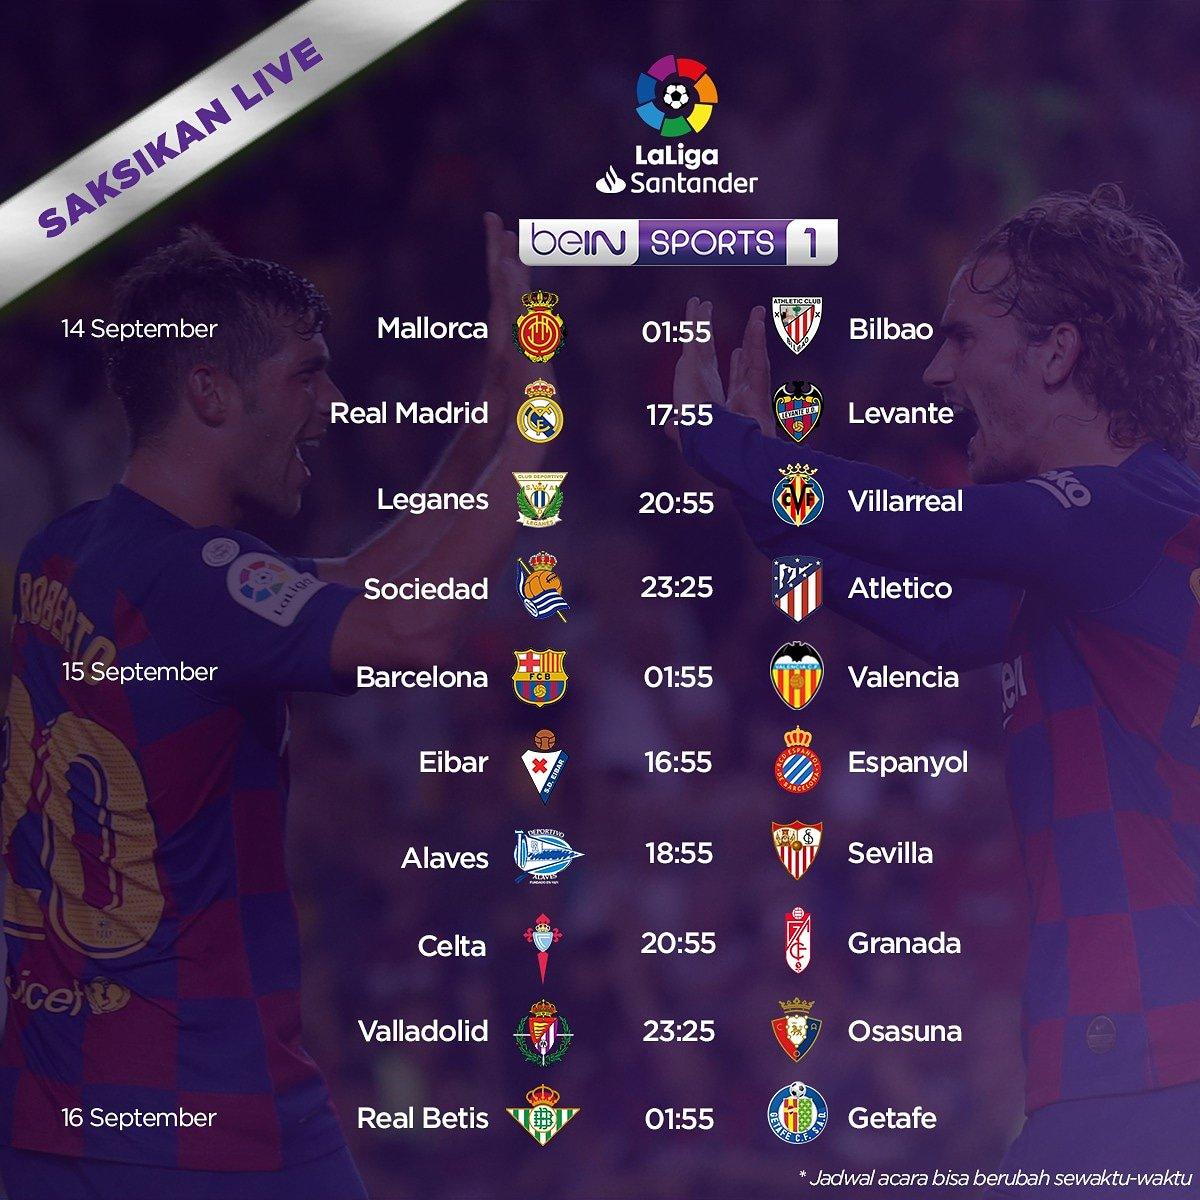 Bein Sports V Twitter La Liga Kembali Hadir Pekan Ini Akankah Madrid Dan Barcelona Mampu Memperbaiki Kesalahan Di Laga Sebelumnya Jangan Lupa Juga Hari Ini Hari Terakhir Promo Hot Deals